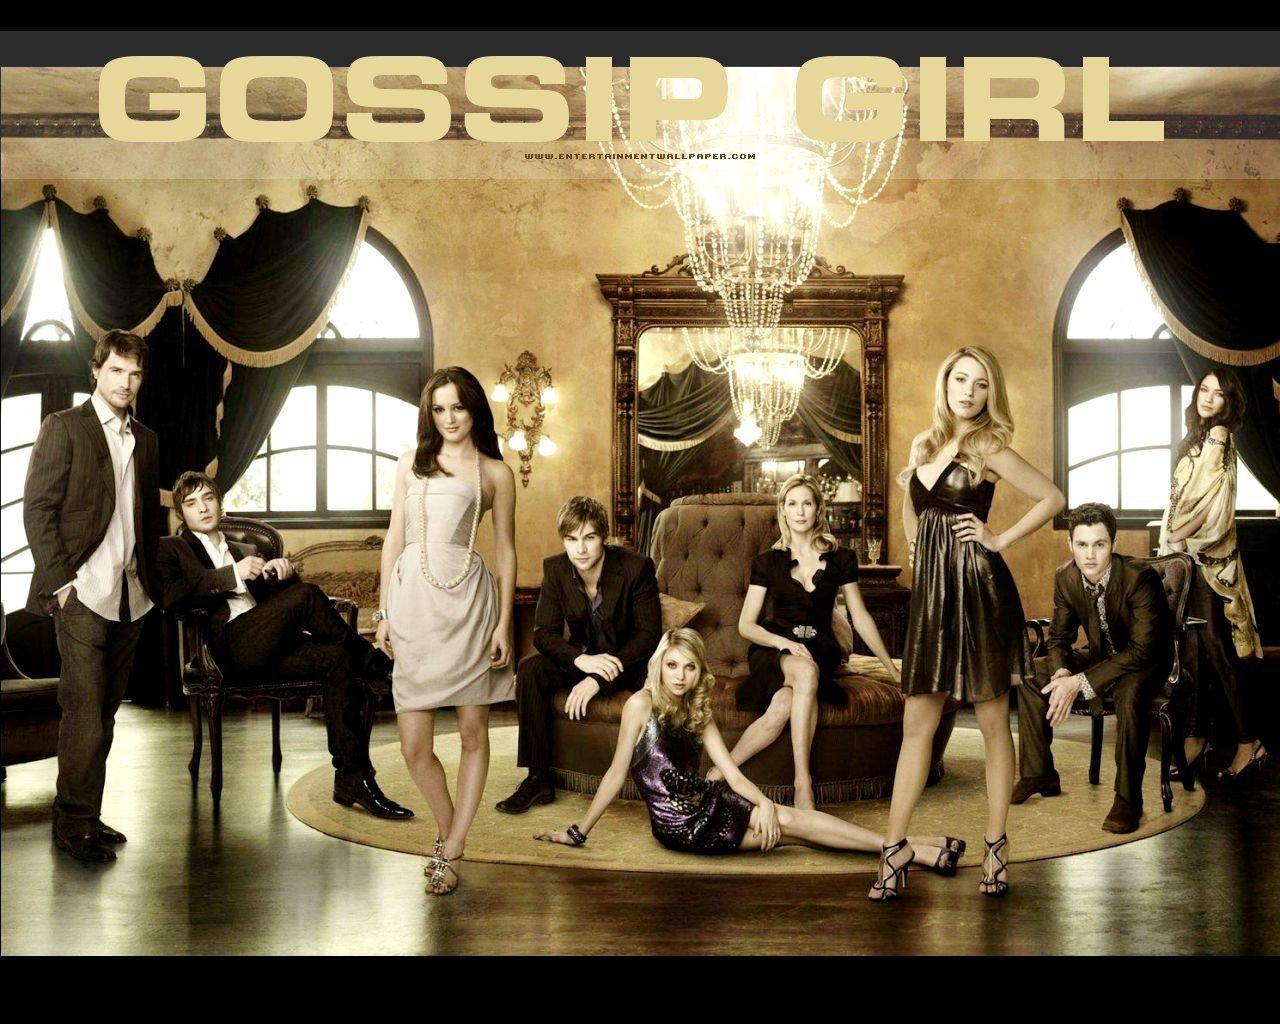 http://1.bp.blogspot.com/--FBIIjSxTHg/TYweqyYD-XI/AAAAAAAAAgk/KBLrdkYmn48/s1600/Gossip-Girl-season-4-wallpaper-13725214-1280-1024.jpg